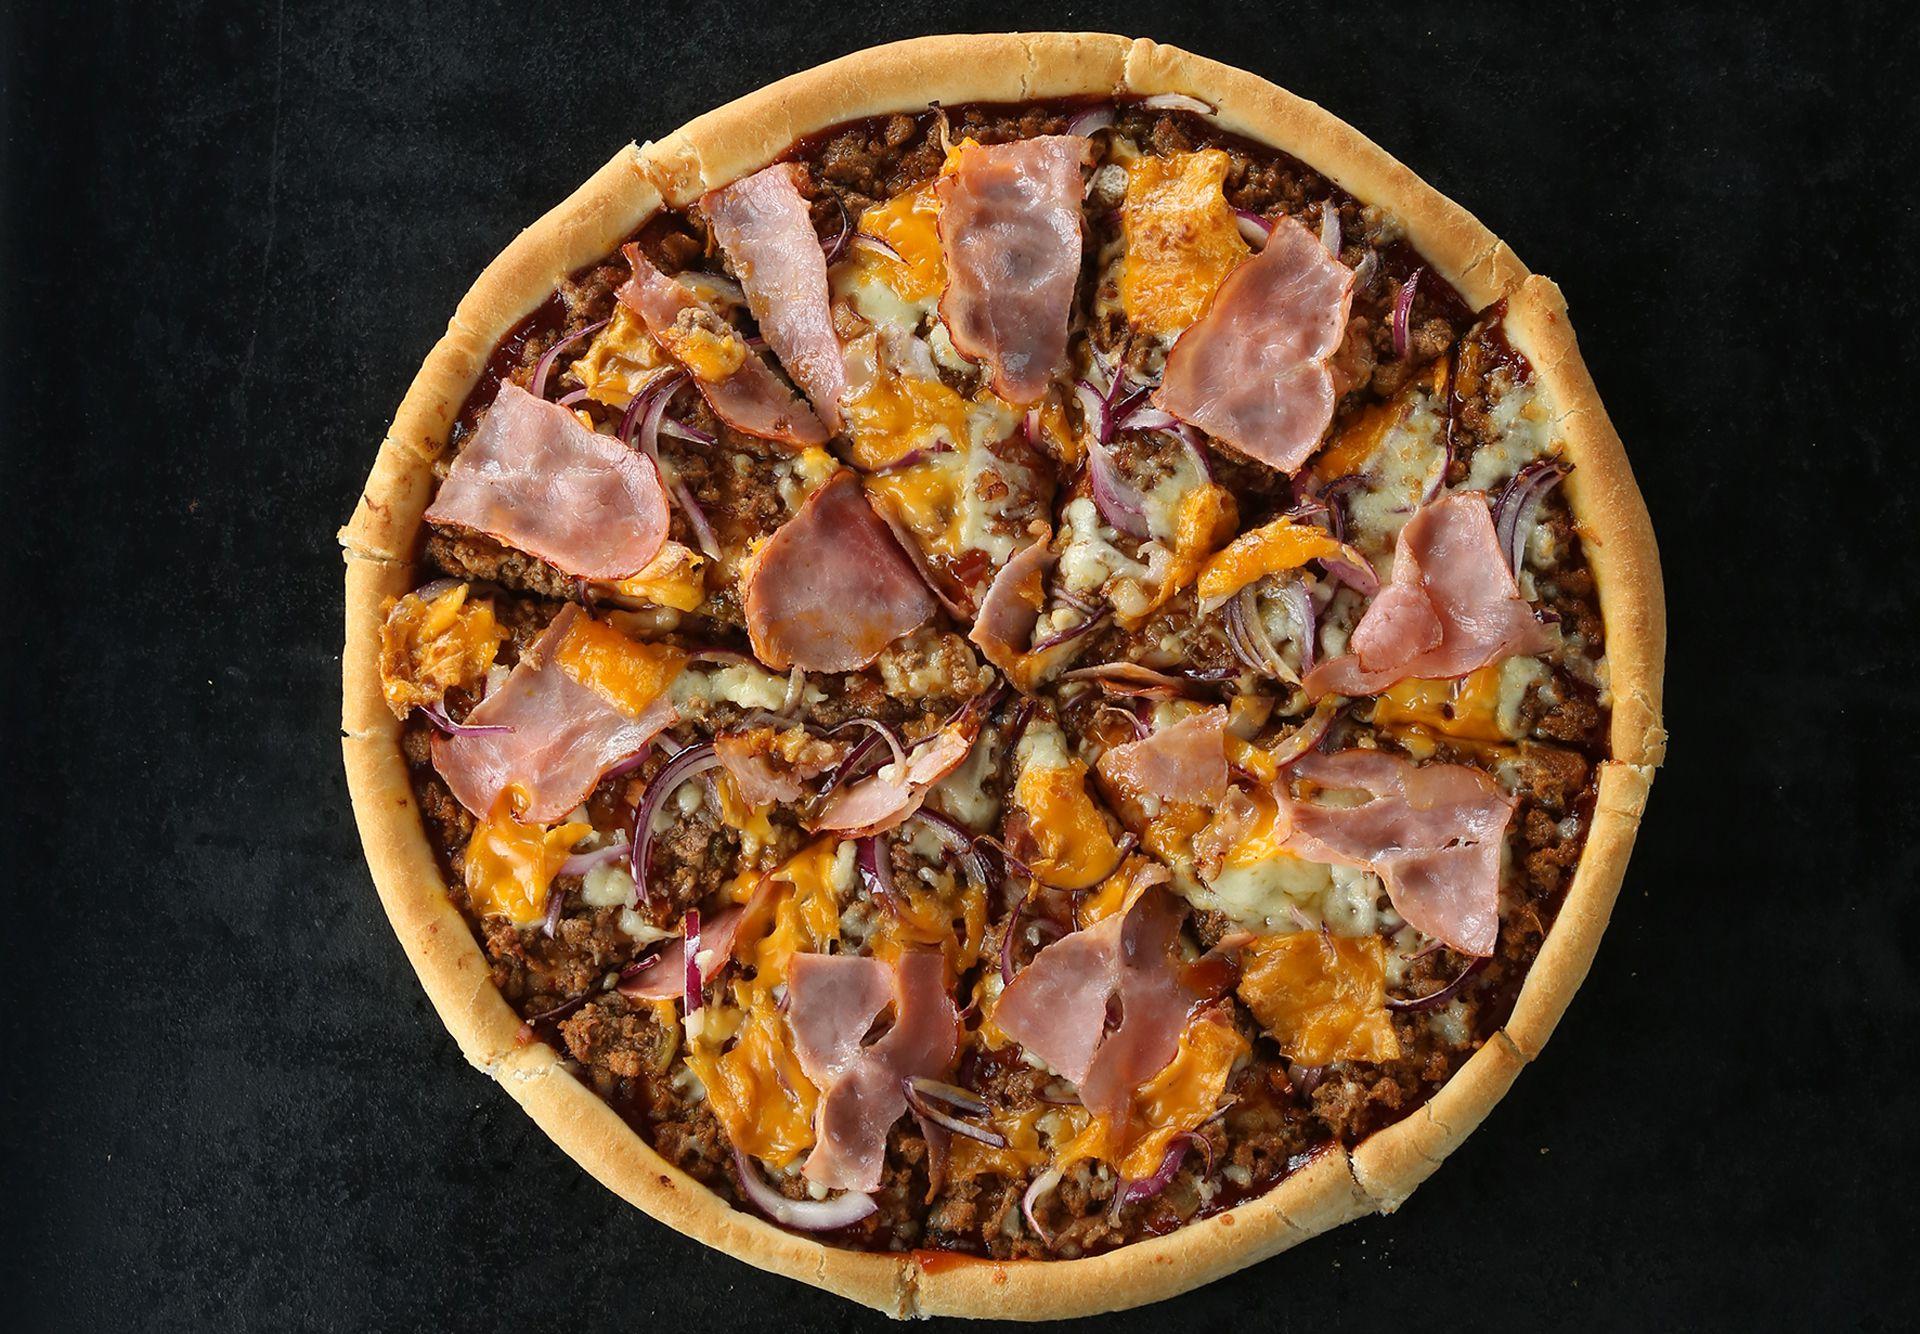 Bacon, cebolla y salsa barbacoa, queso cheddar, una pizza de Punto Pizza